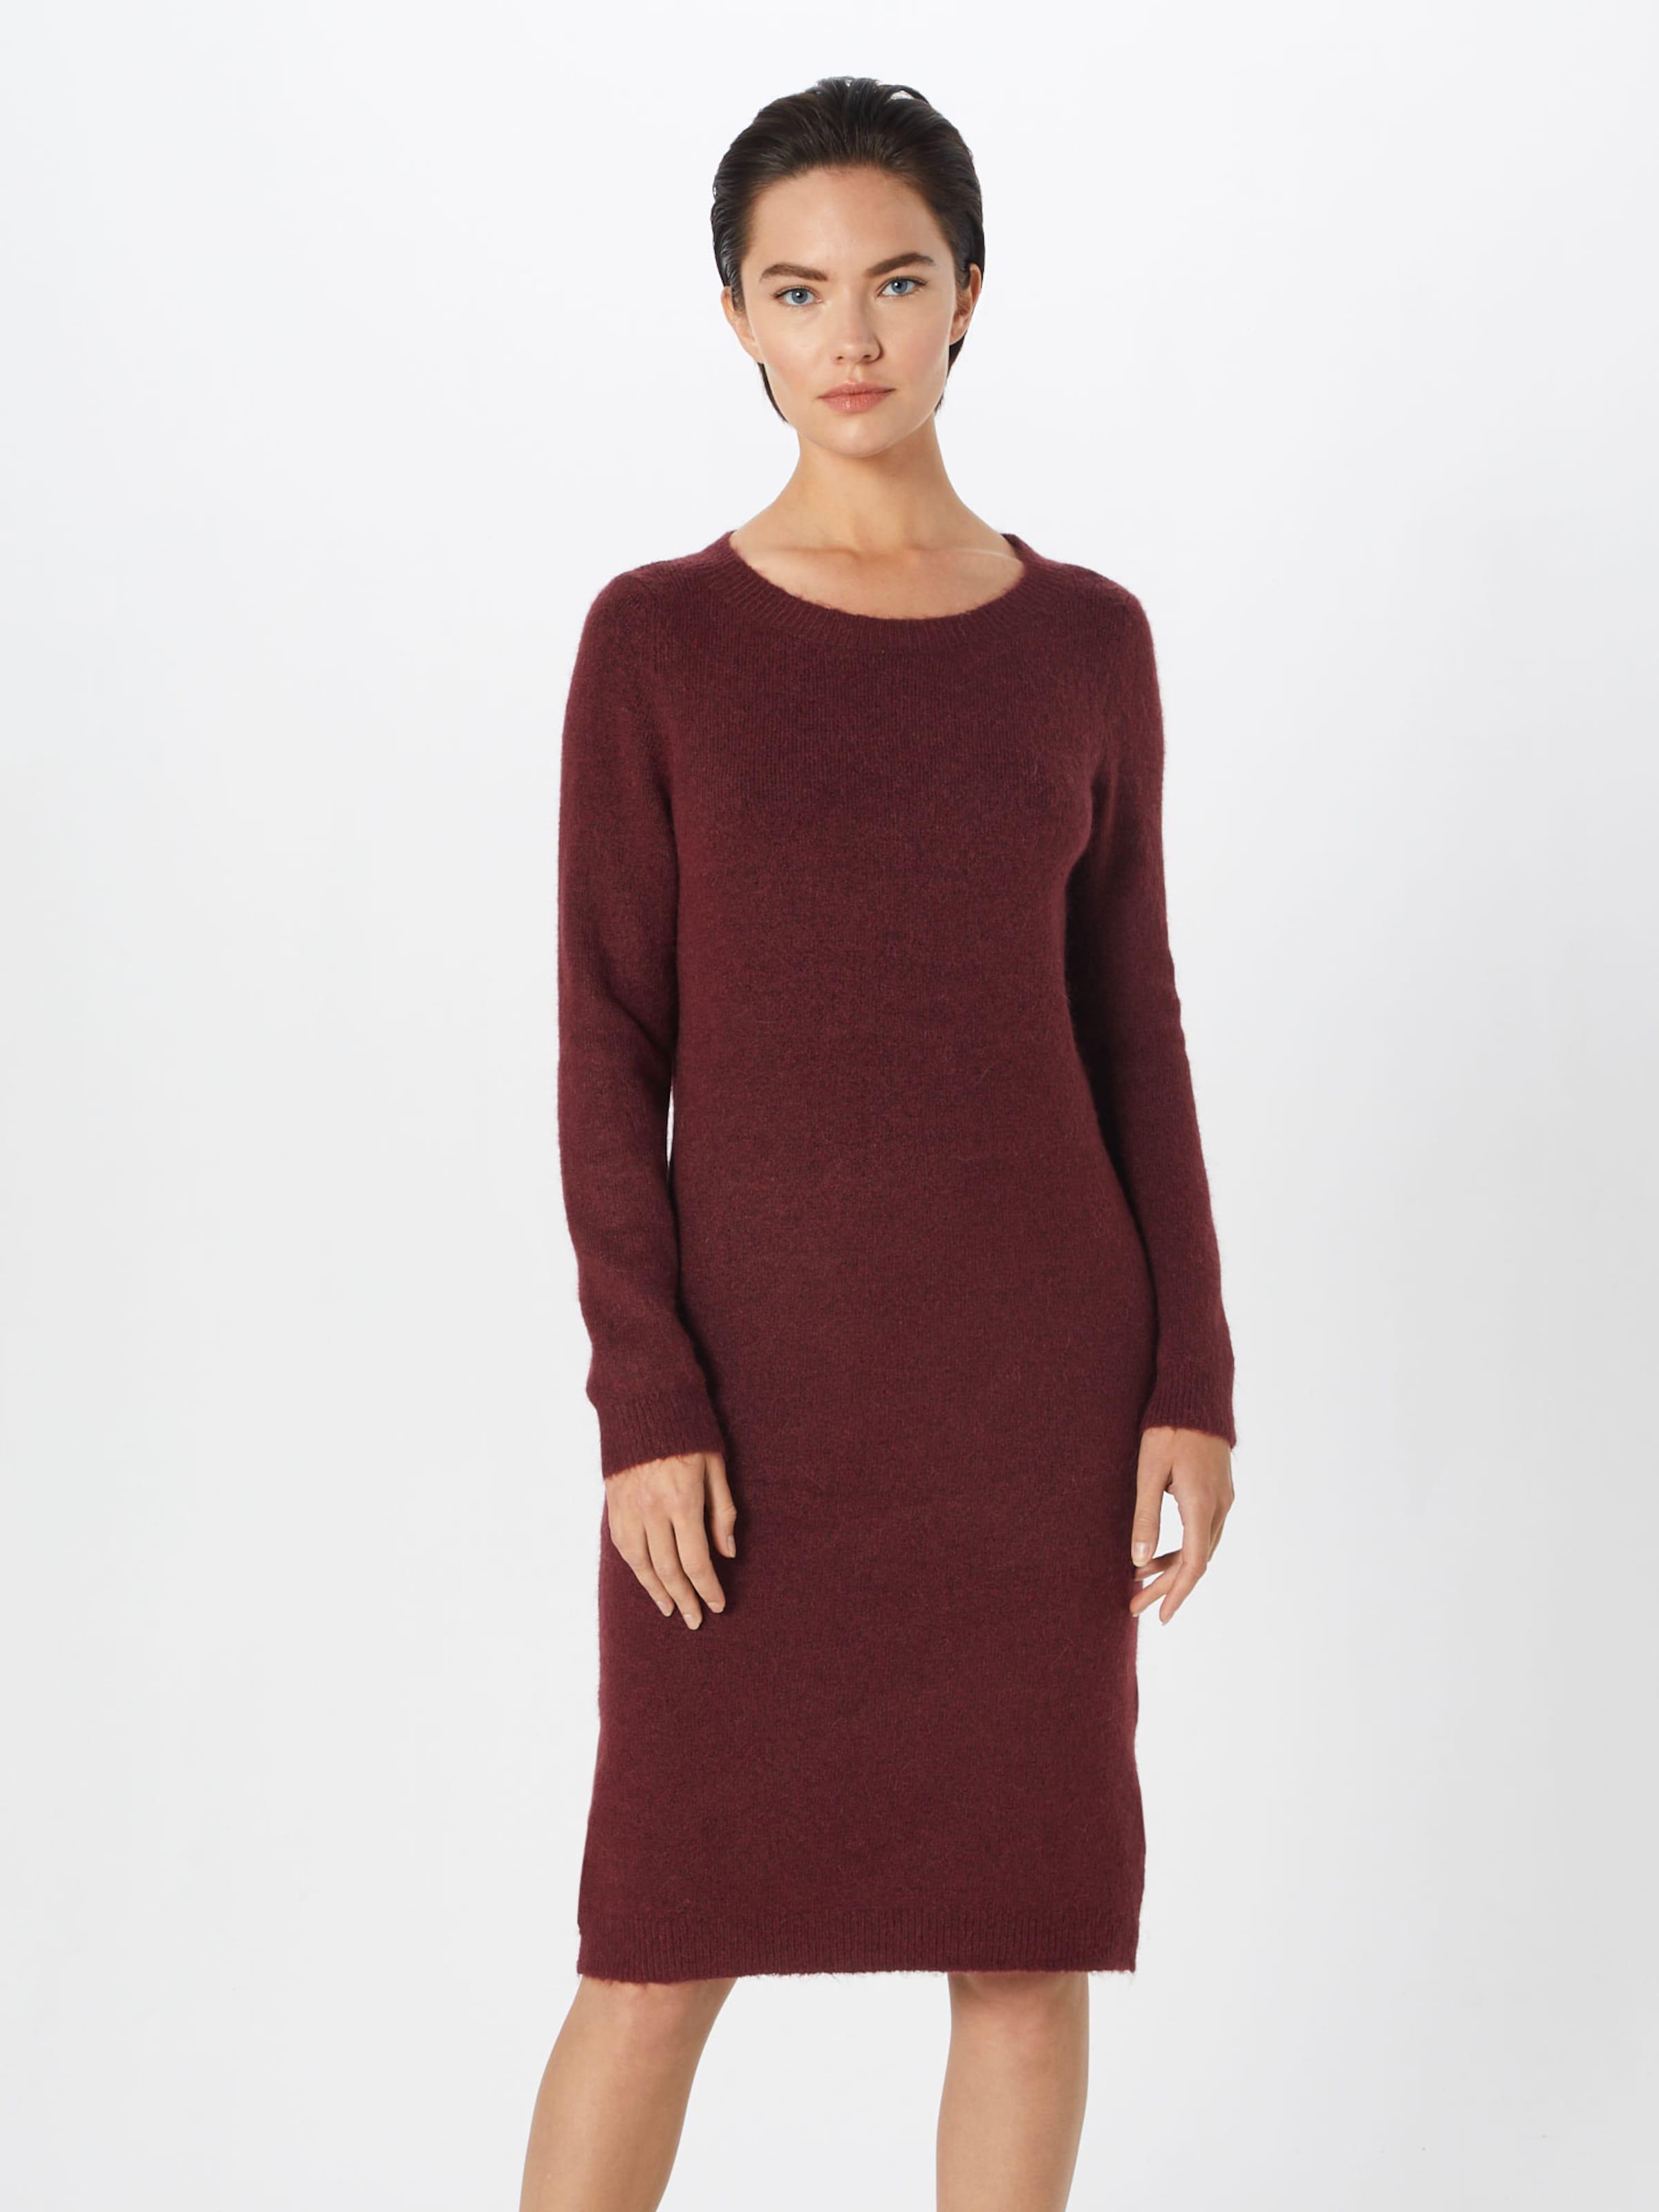 Kleid In 'nomi Object Evelyn' Bordeaux hsQtrd